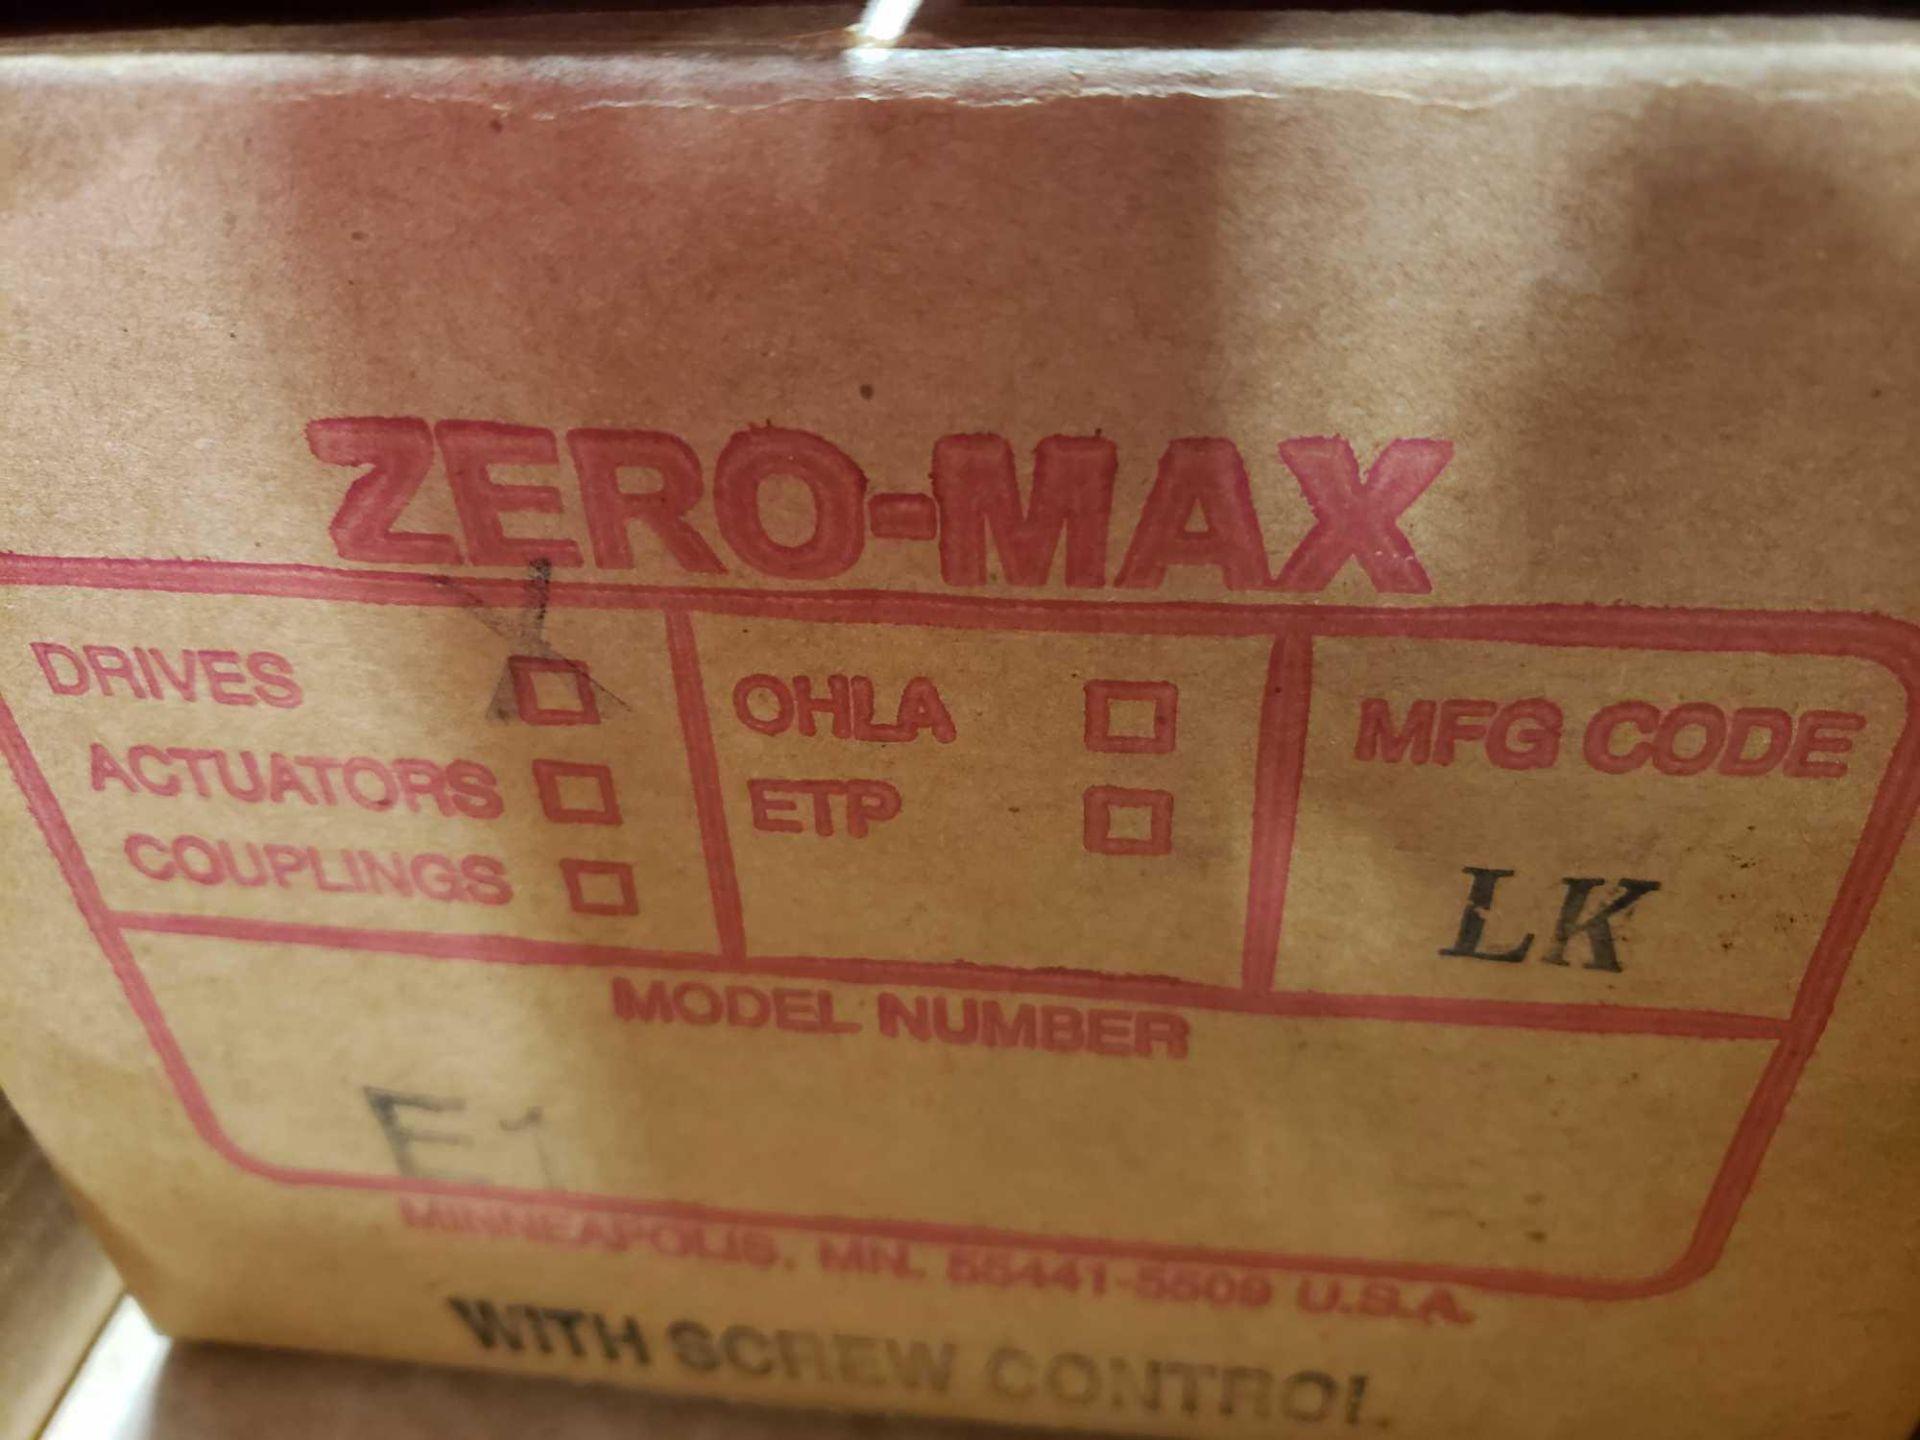 Lot 25 - Zero-max gearbox model E1. New in box.